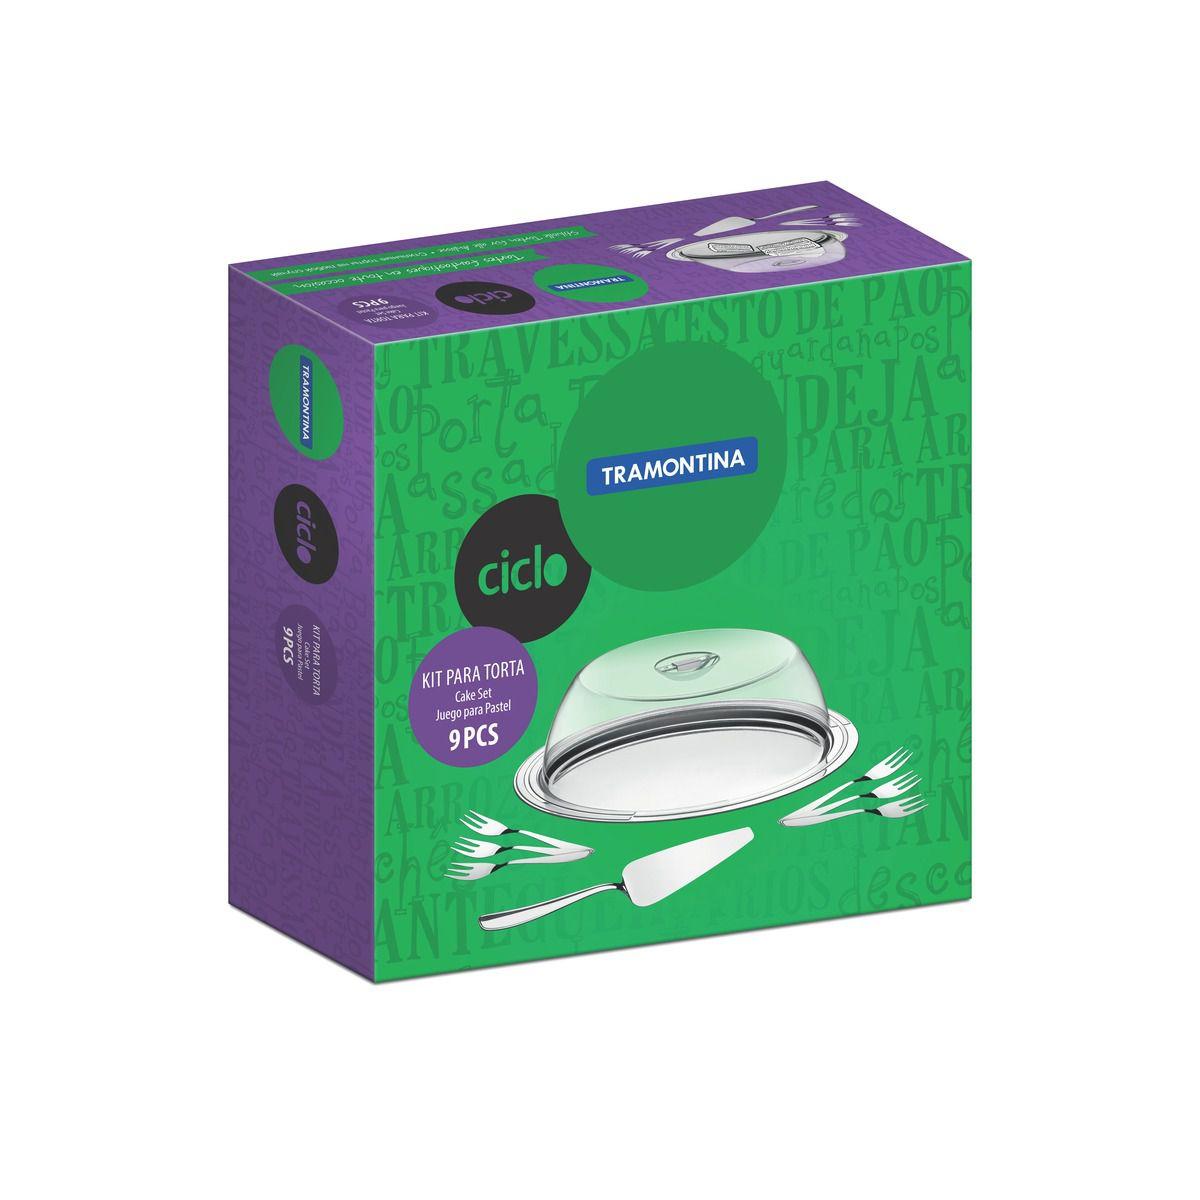 Kit para Torta Tramontina Ciclo em Aço Inox 64510880 - 9 Peças